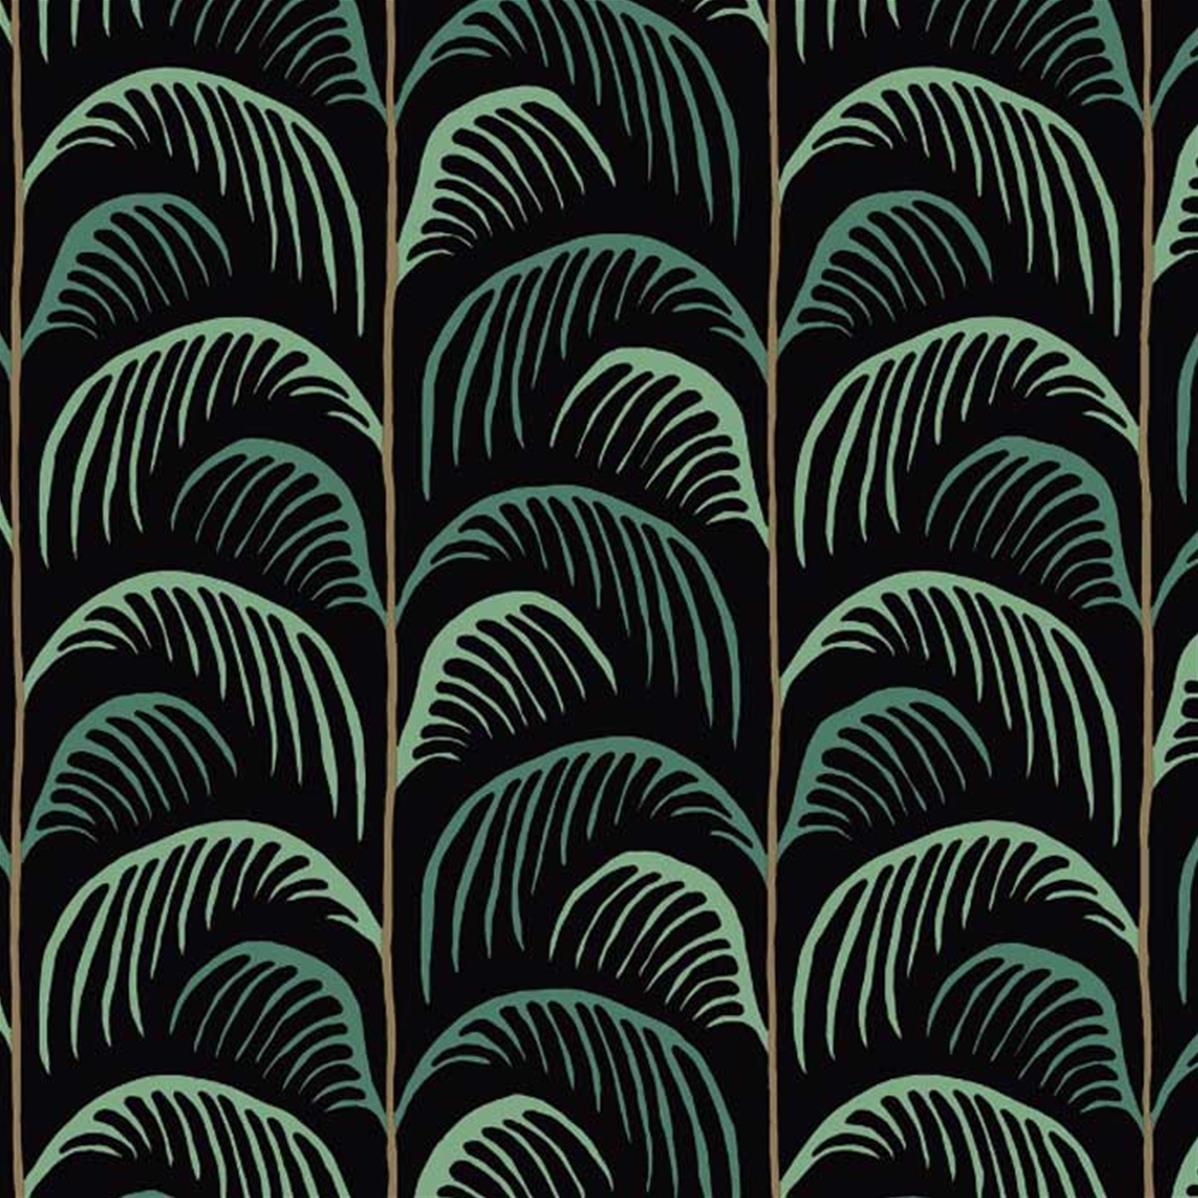 papier peint noir et vert feuilles de palme 10 m